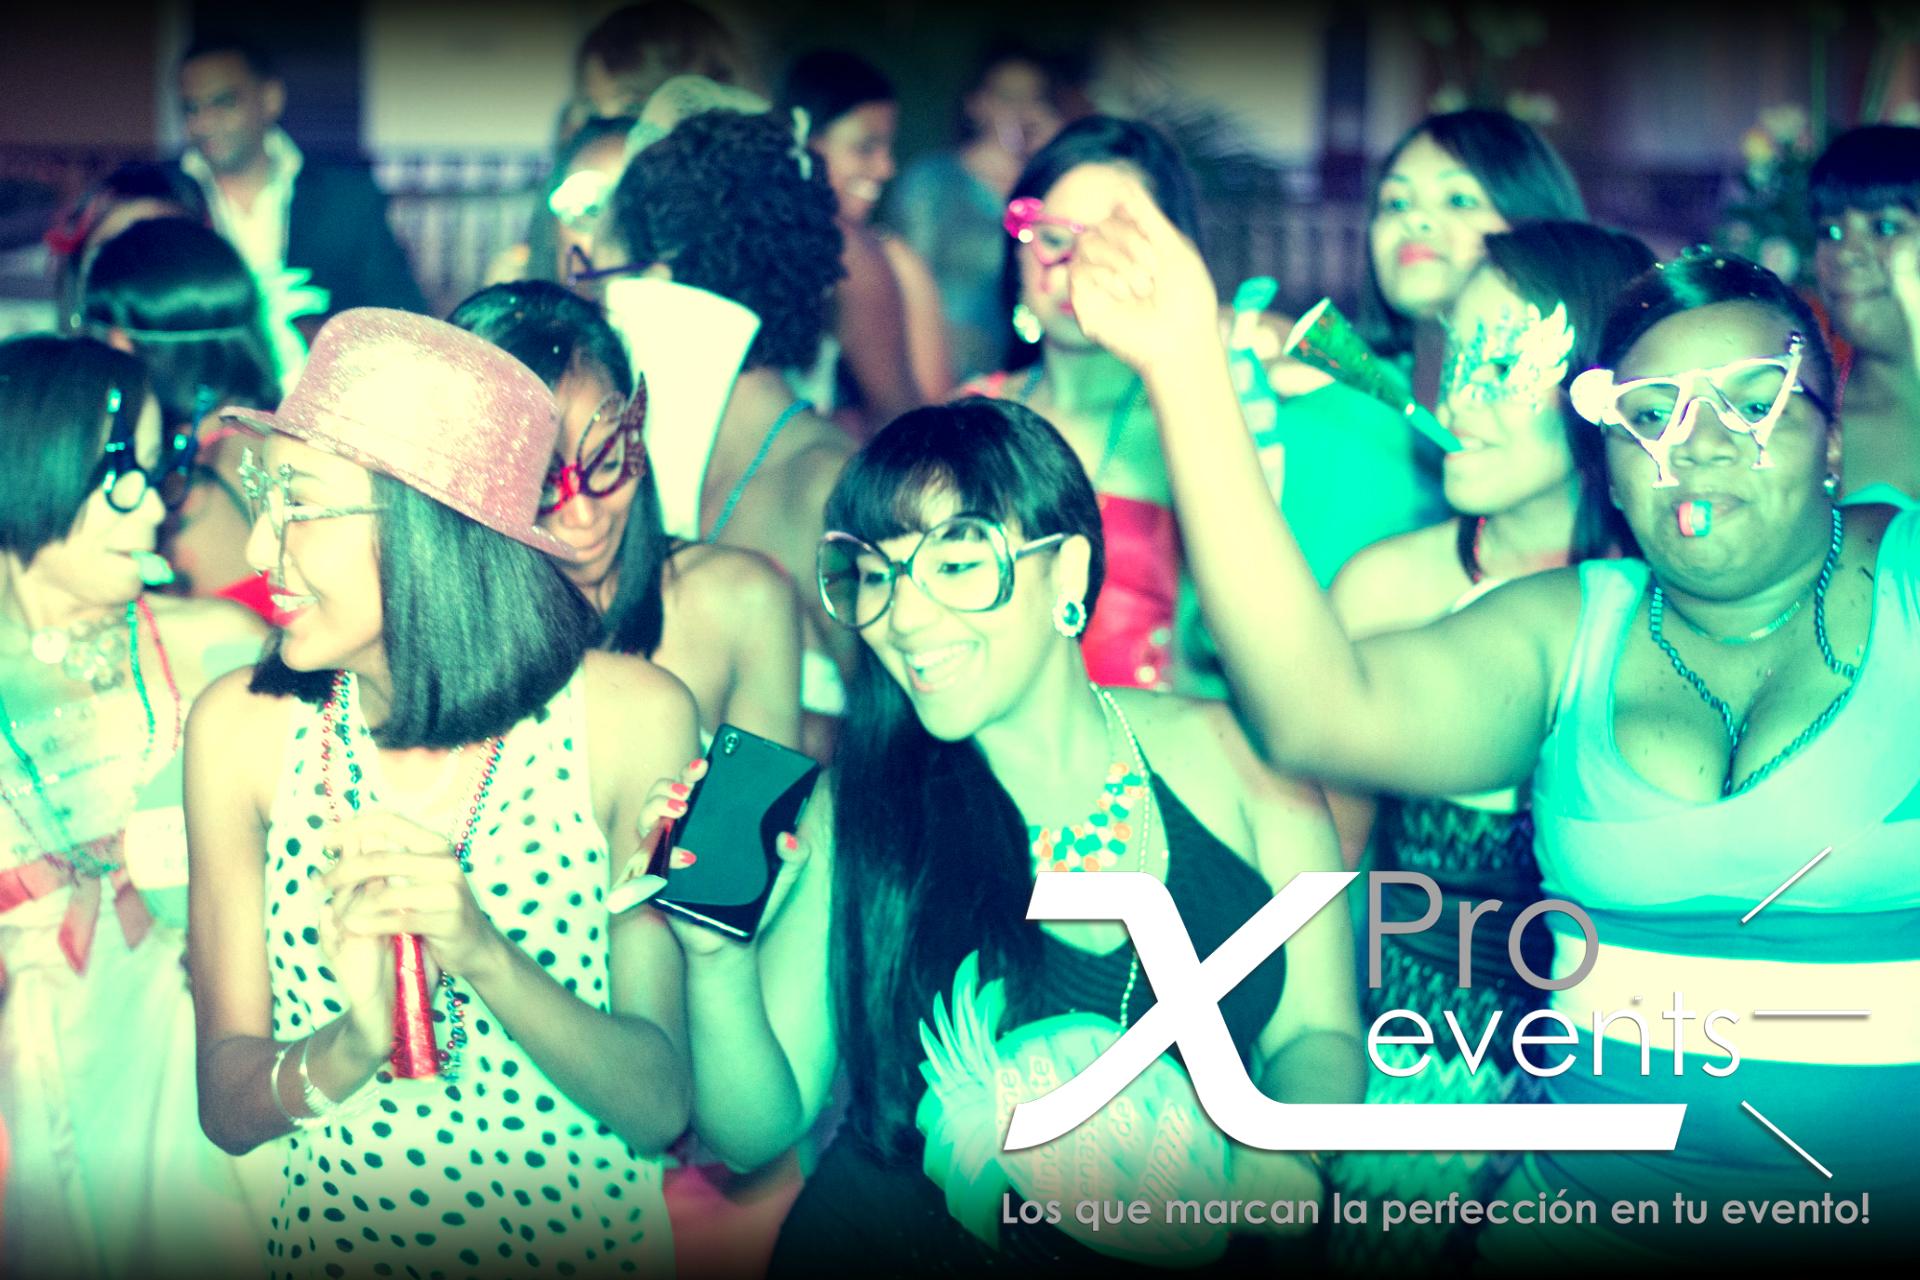 www.Xproevents.com - Se armo la fiesta con X Pro events.jpg